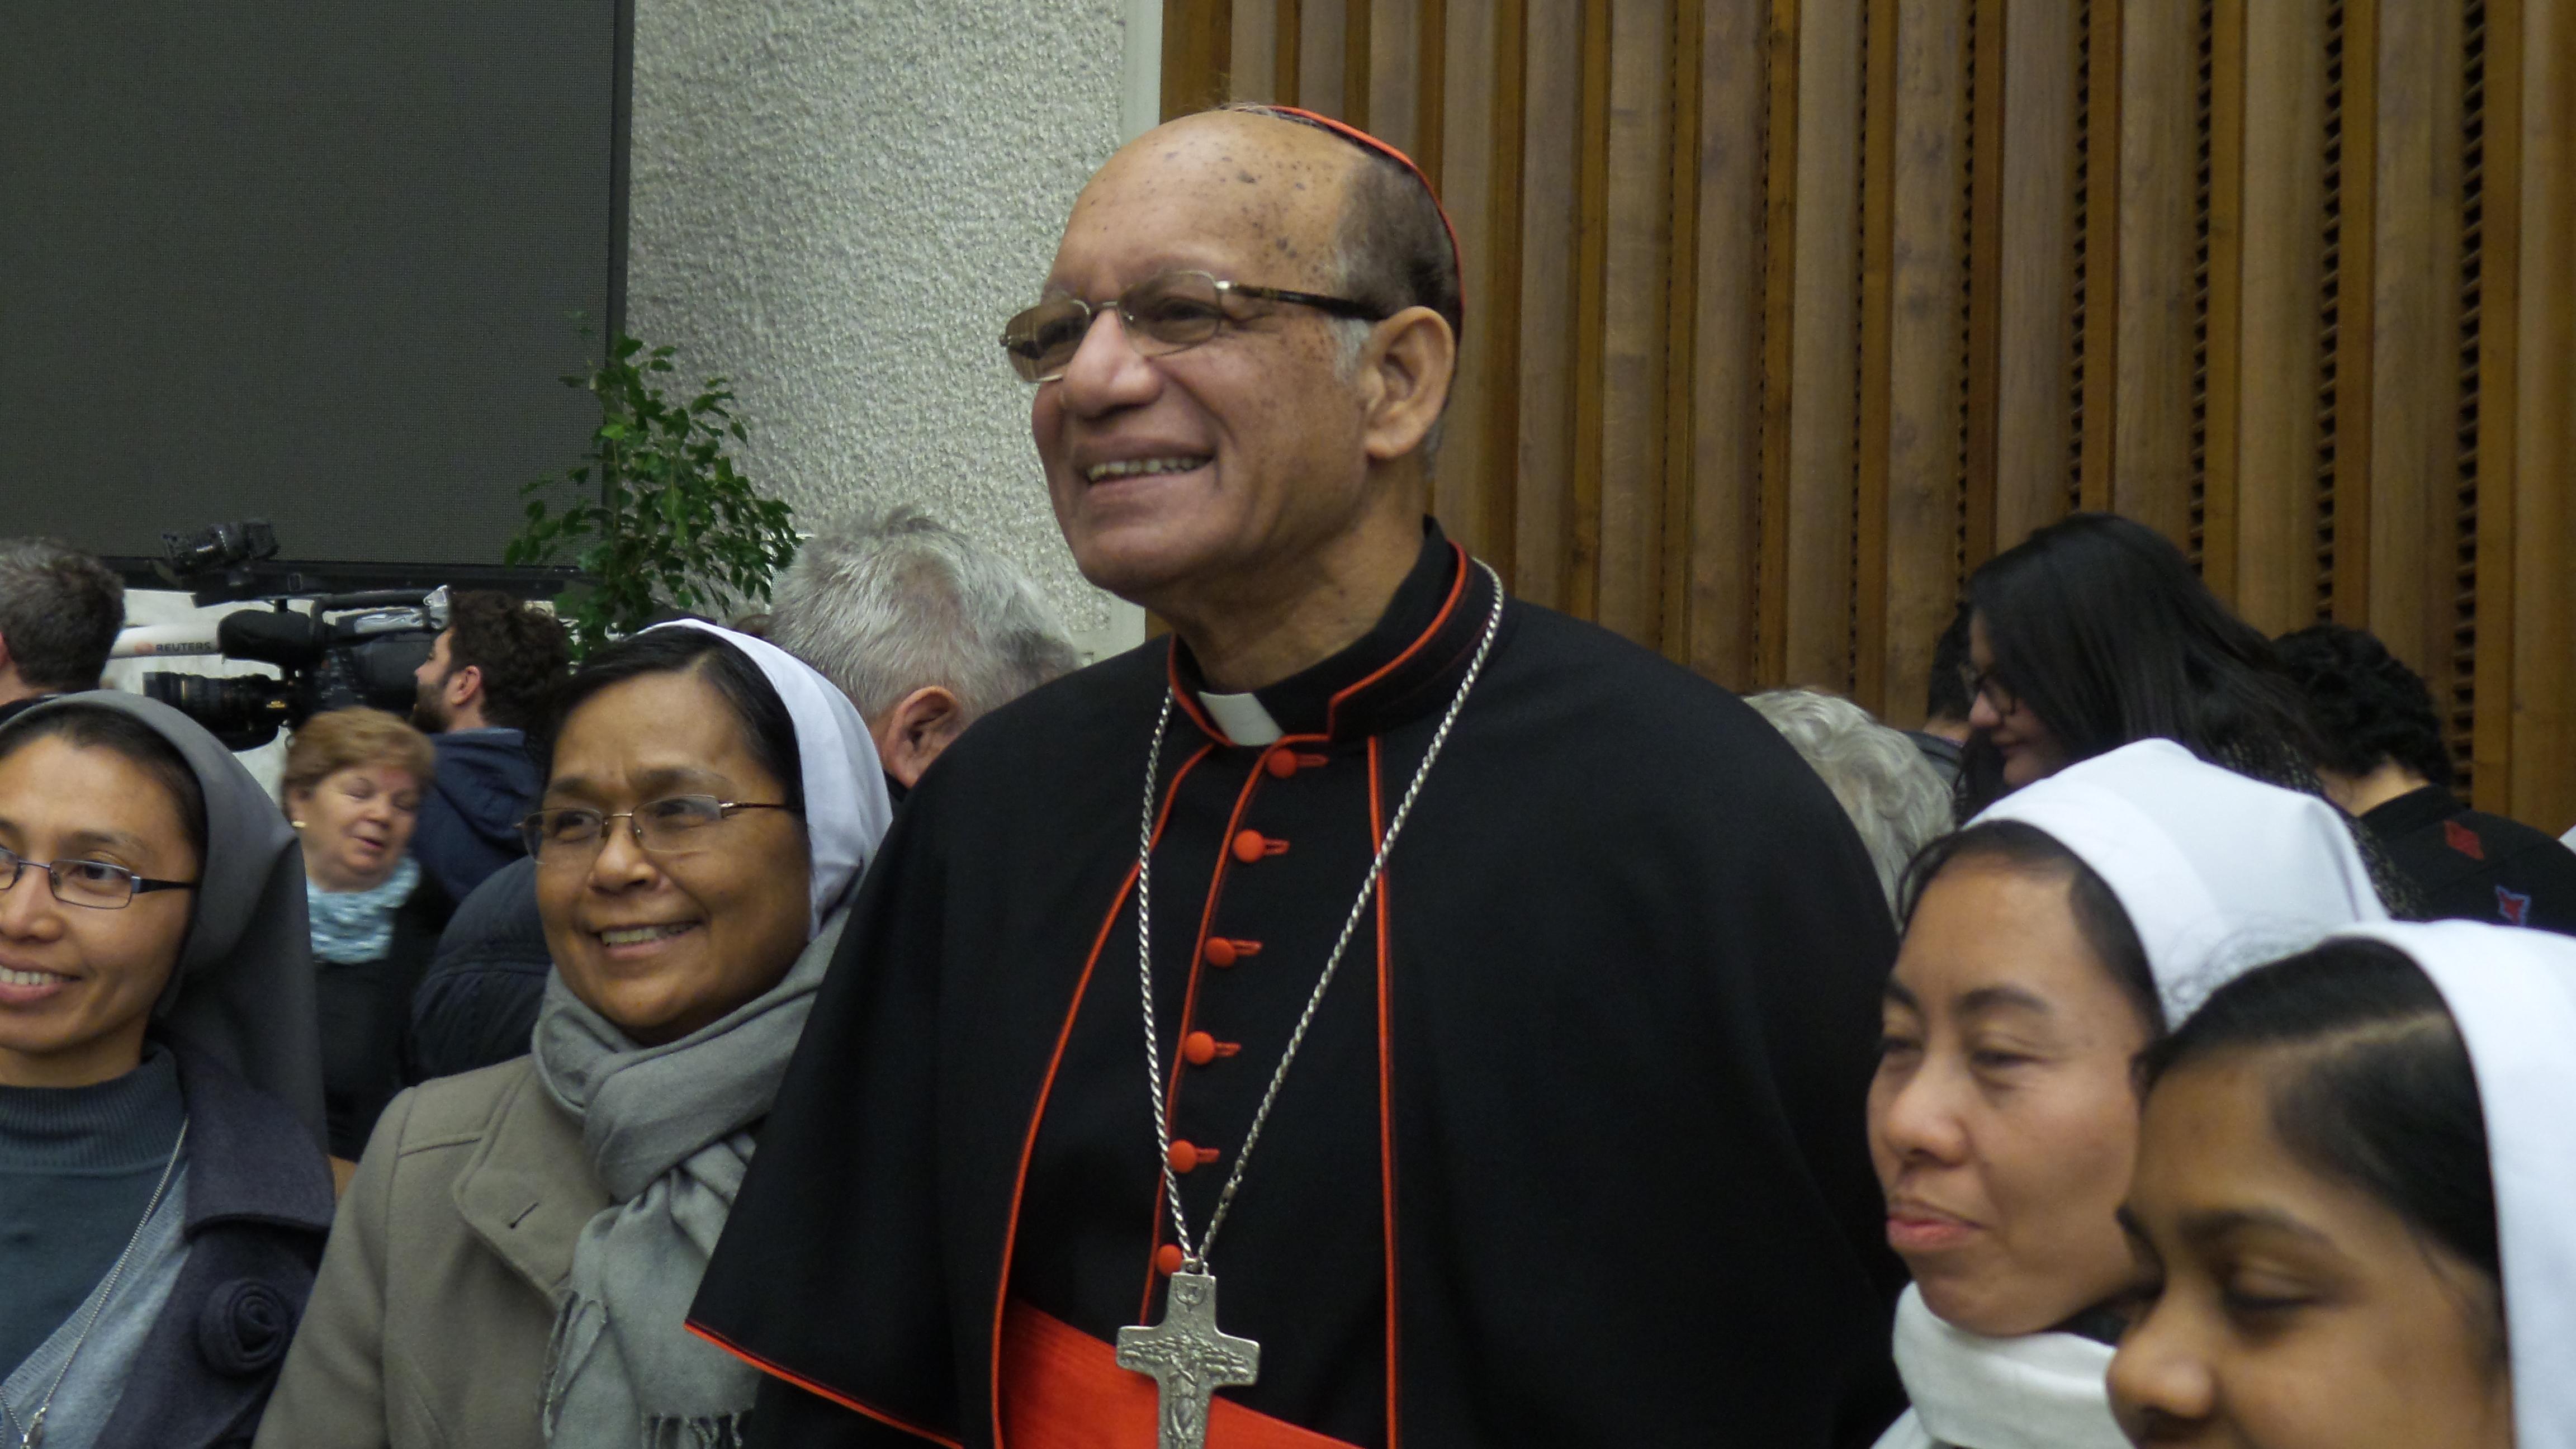 Vatican Cardinals Apartments